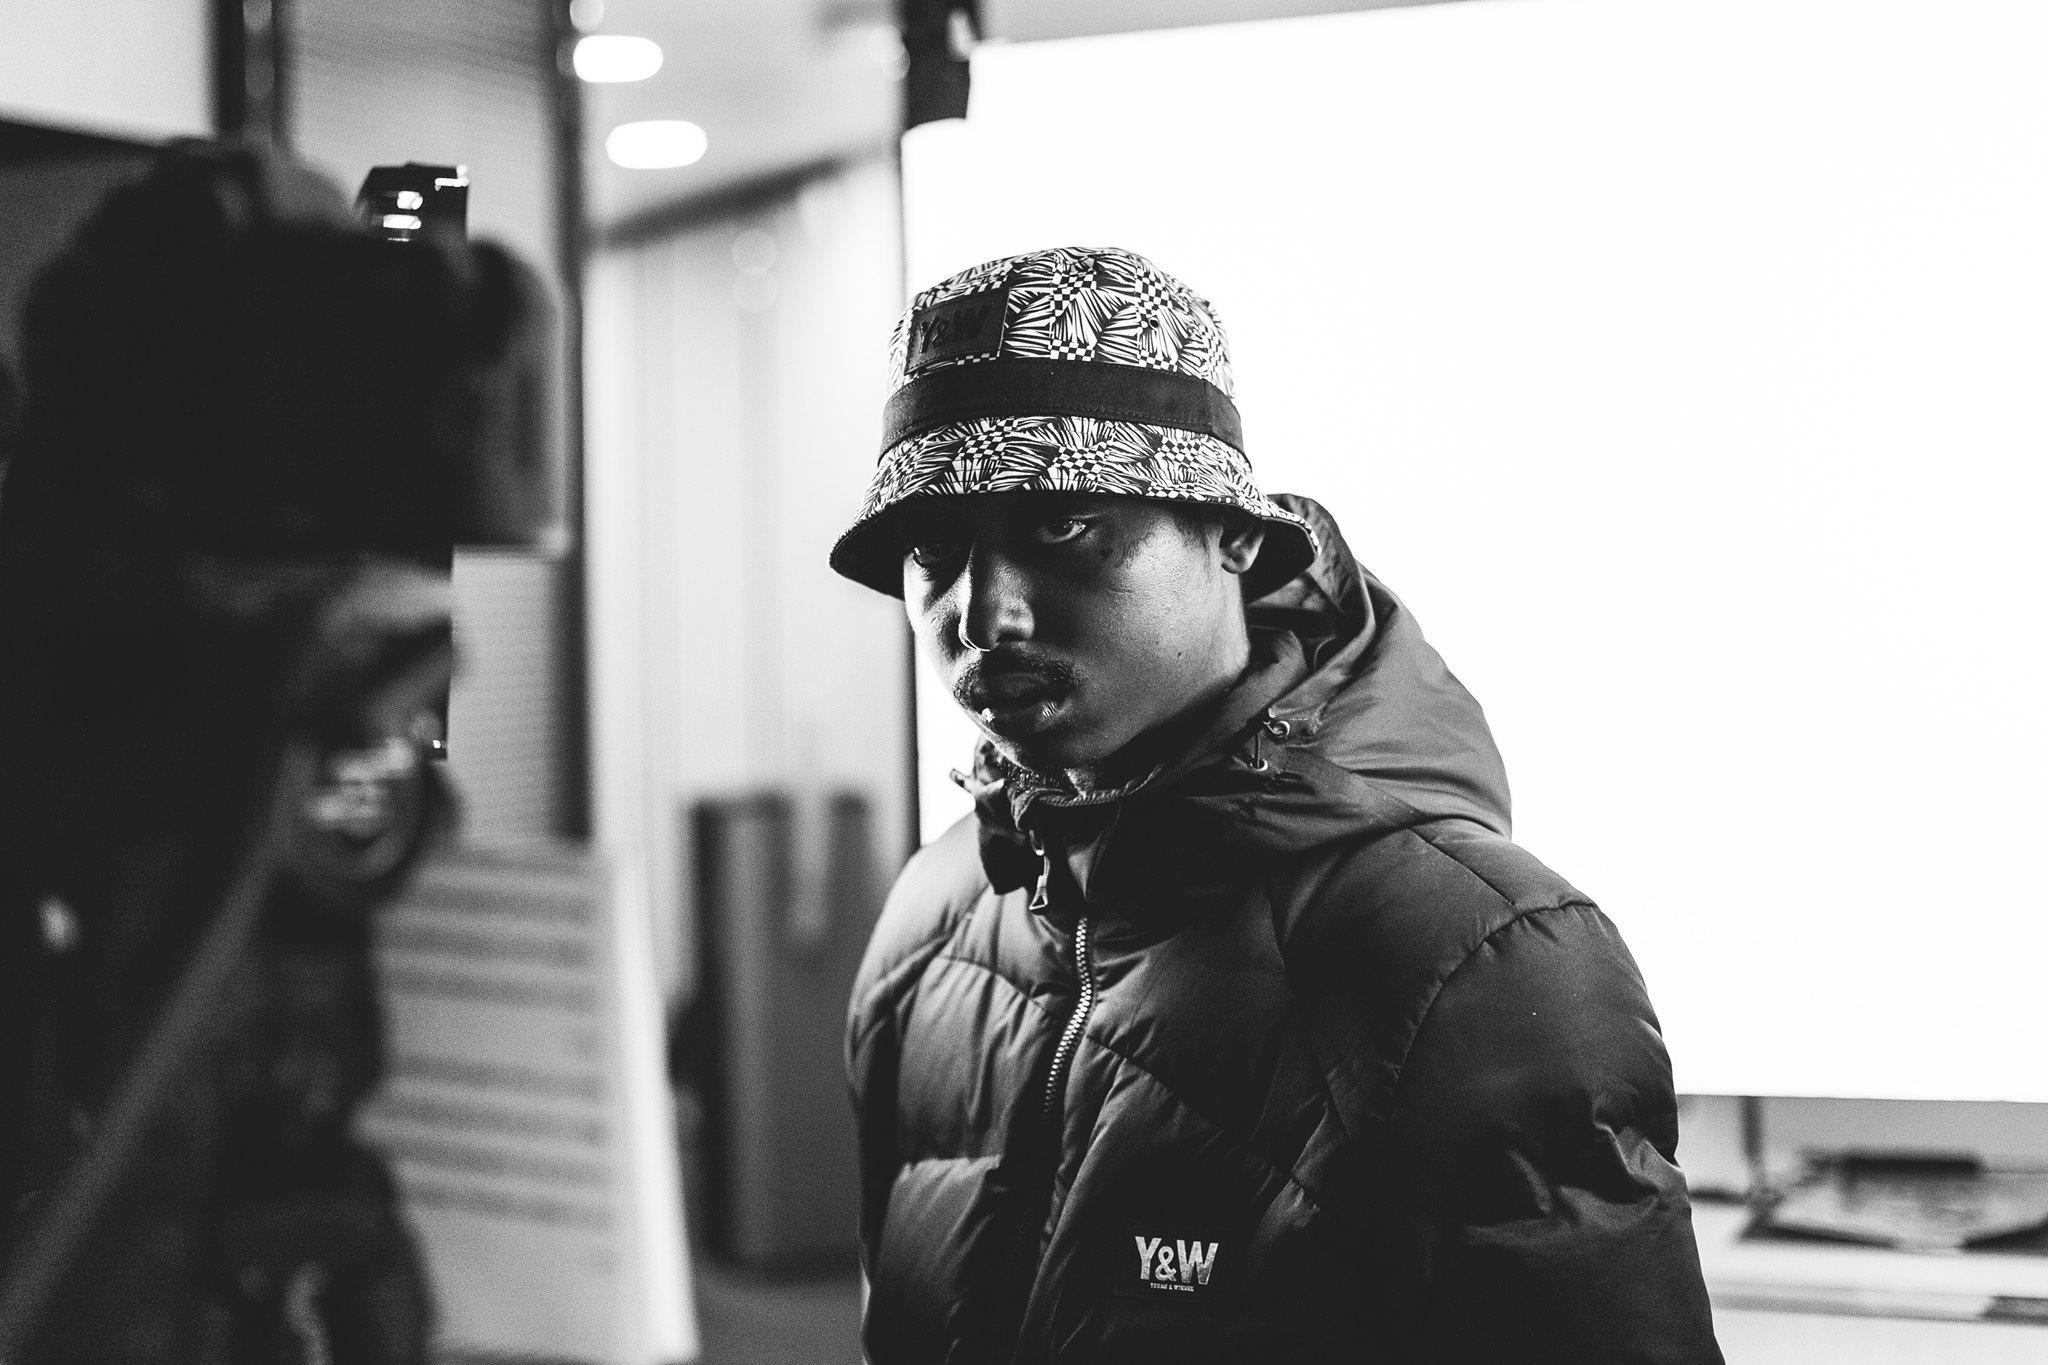 Alors qu'il apparaît sur la toute récente compilation de son label, le rappeur parisien a annoncé la sortie de son prochain album en novembre.